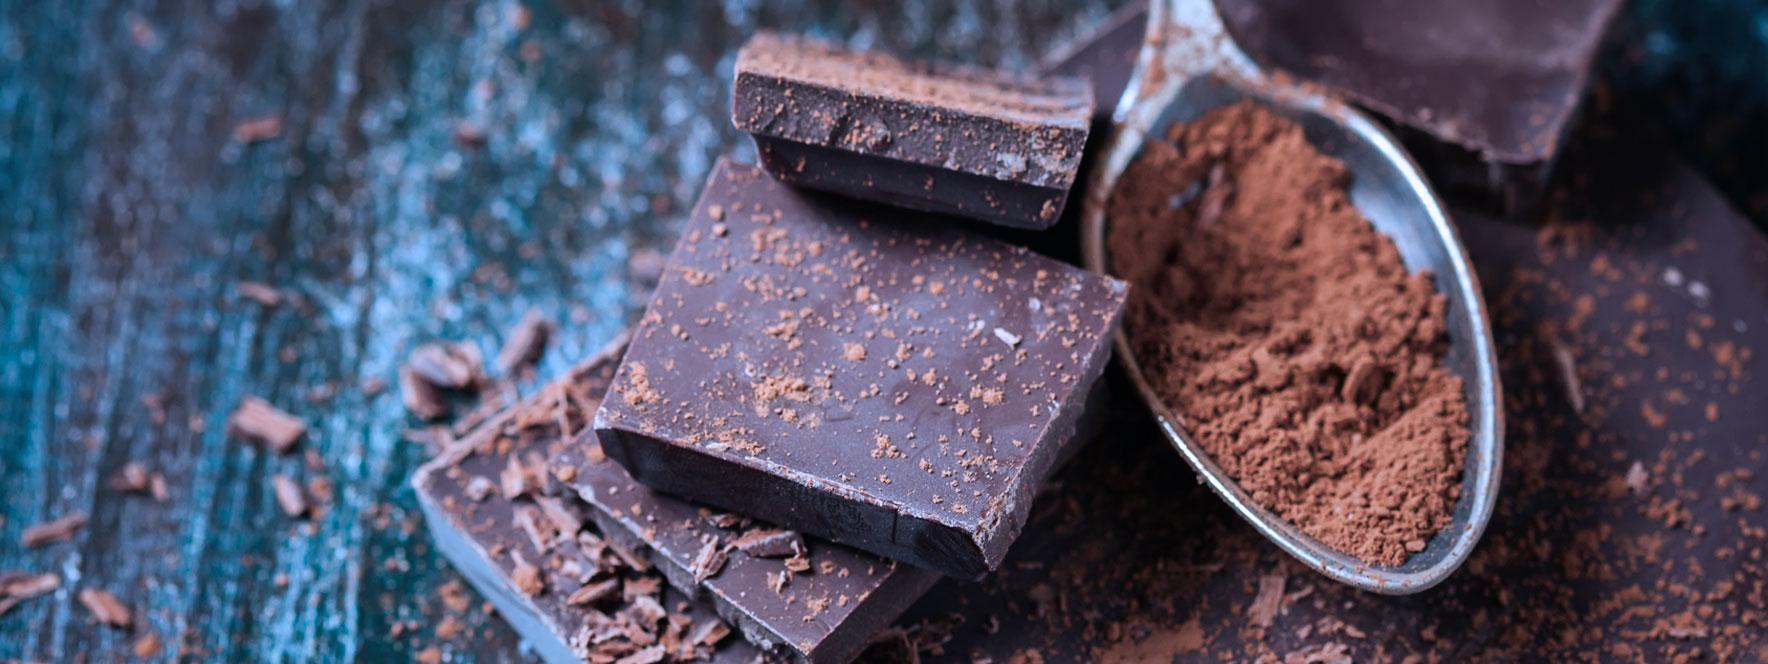 Relation d'aide - Chocolat noir, hormone du bonheur - Blogue du Réseau